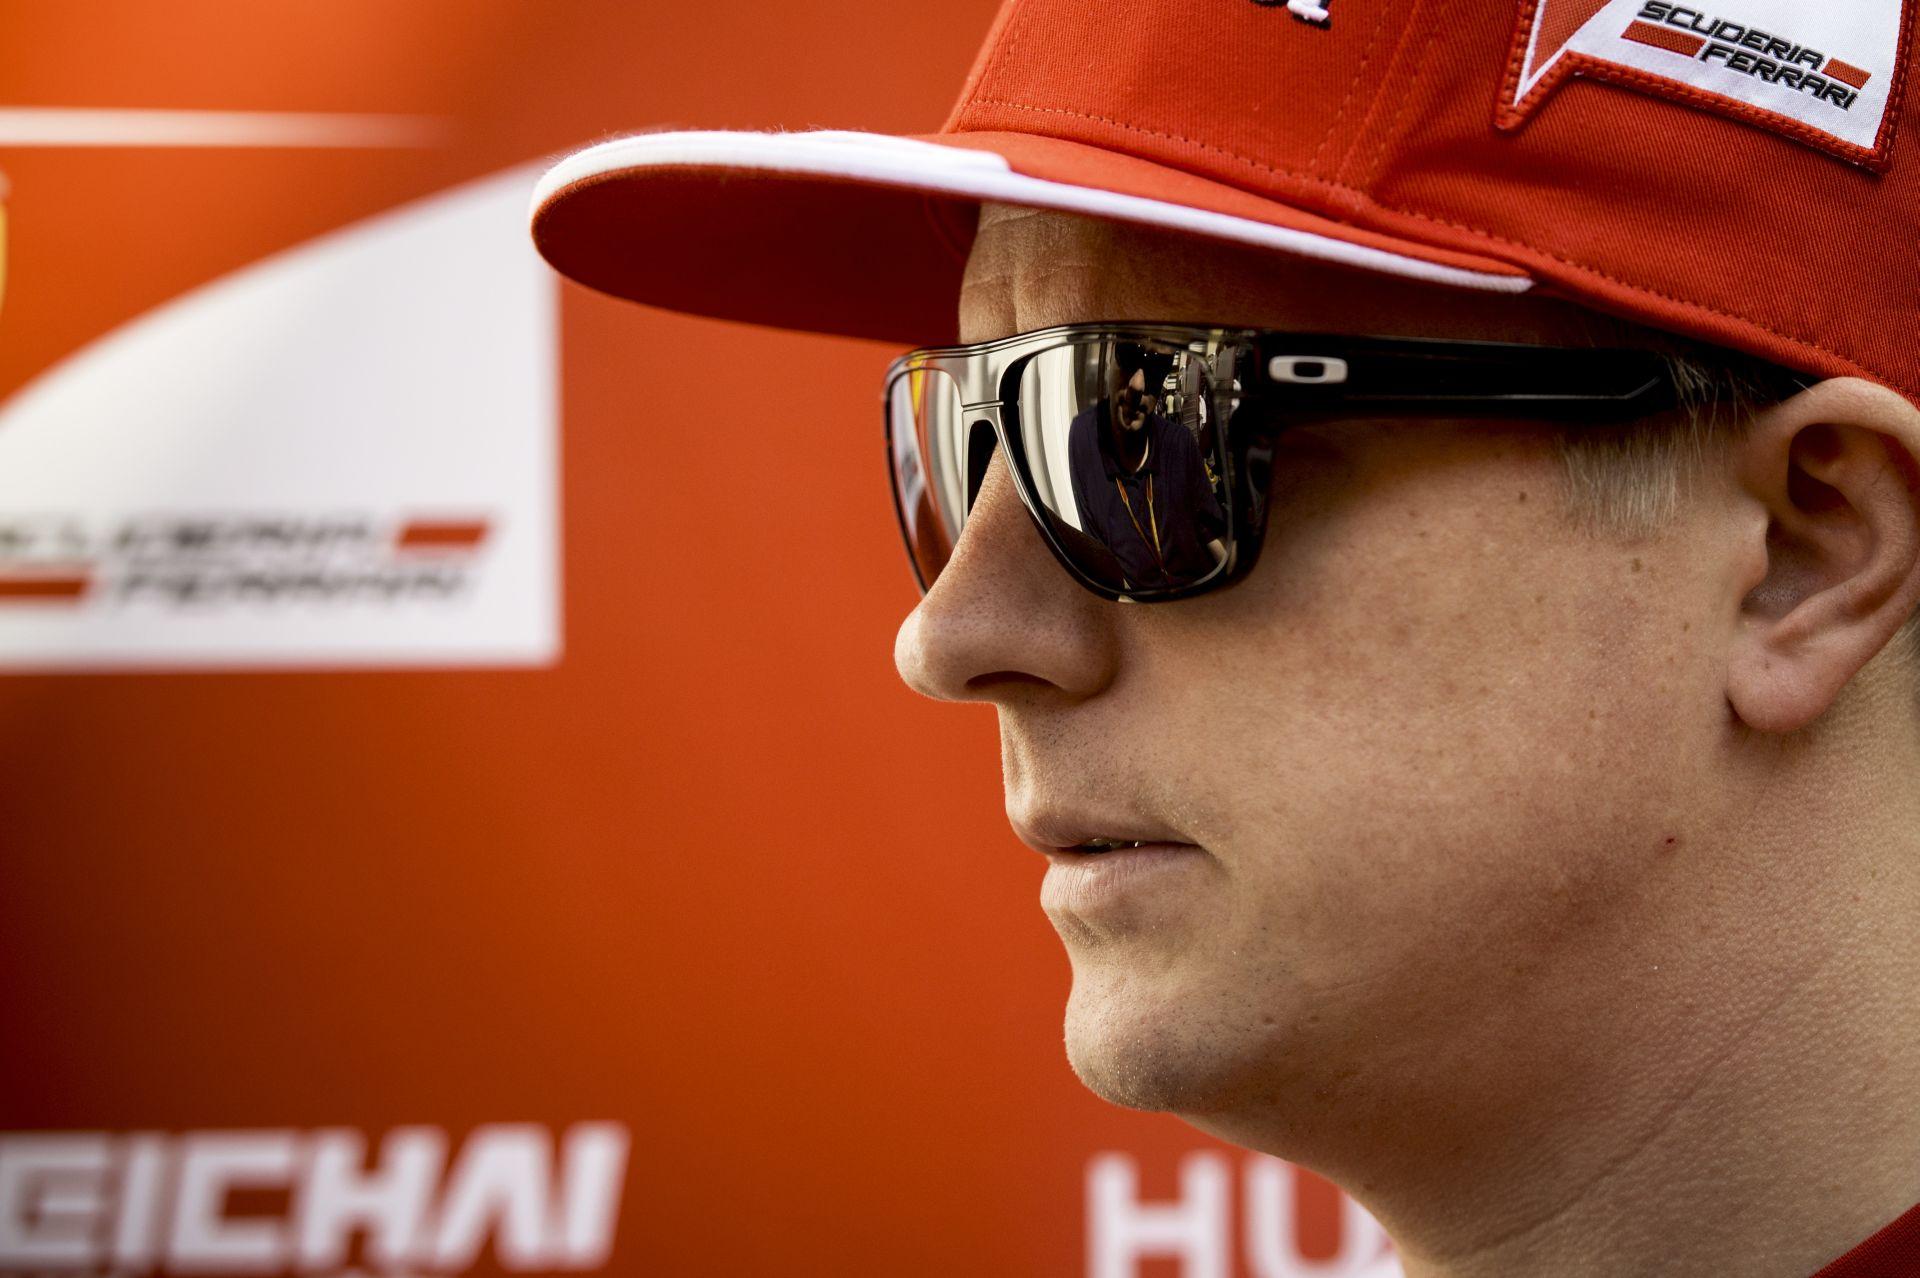 Maldonado az élen, Raikkönen végre egy normális tesztnapot zárhatott a Ferrarival